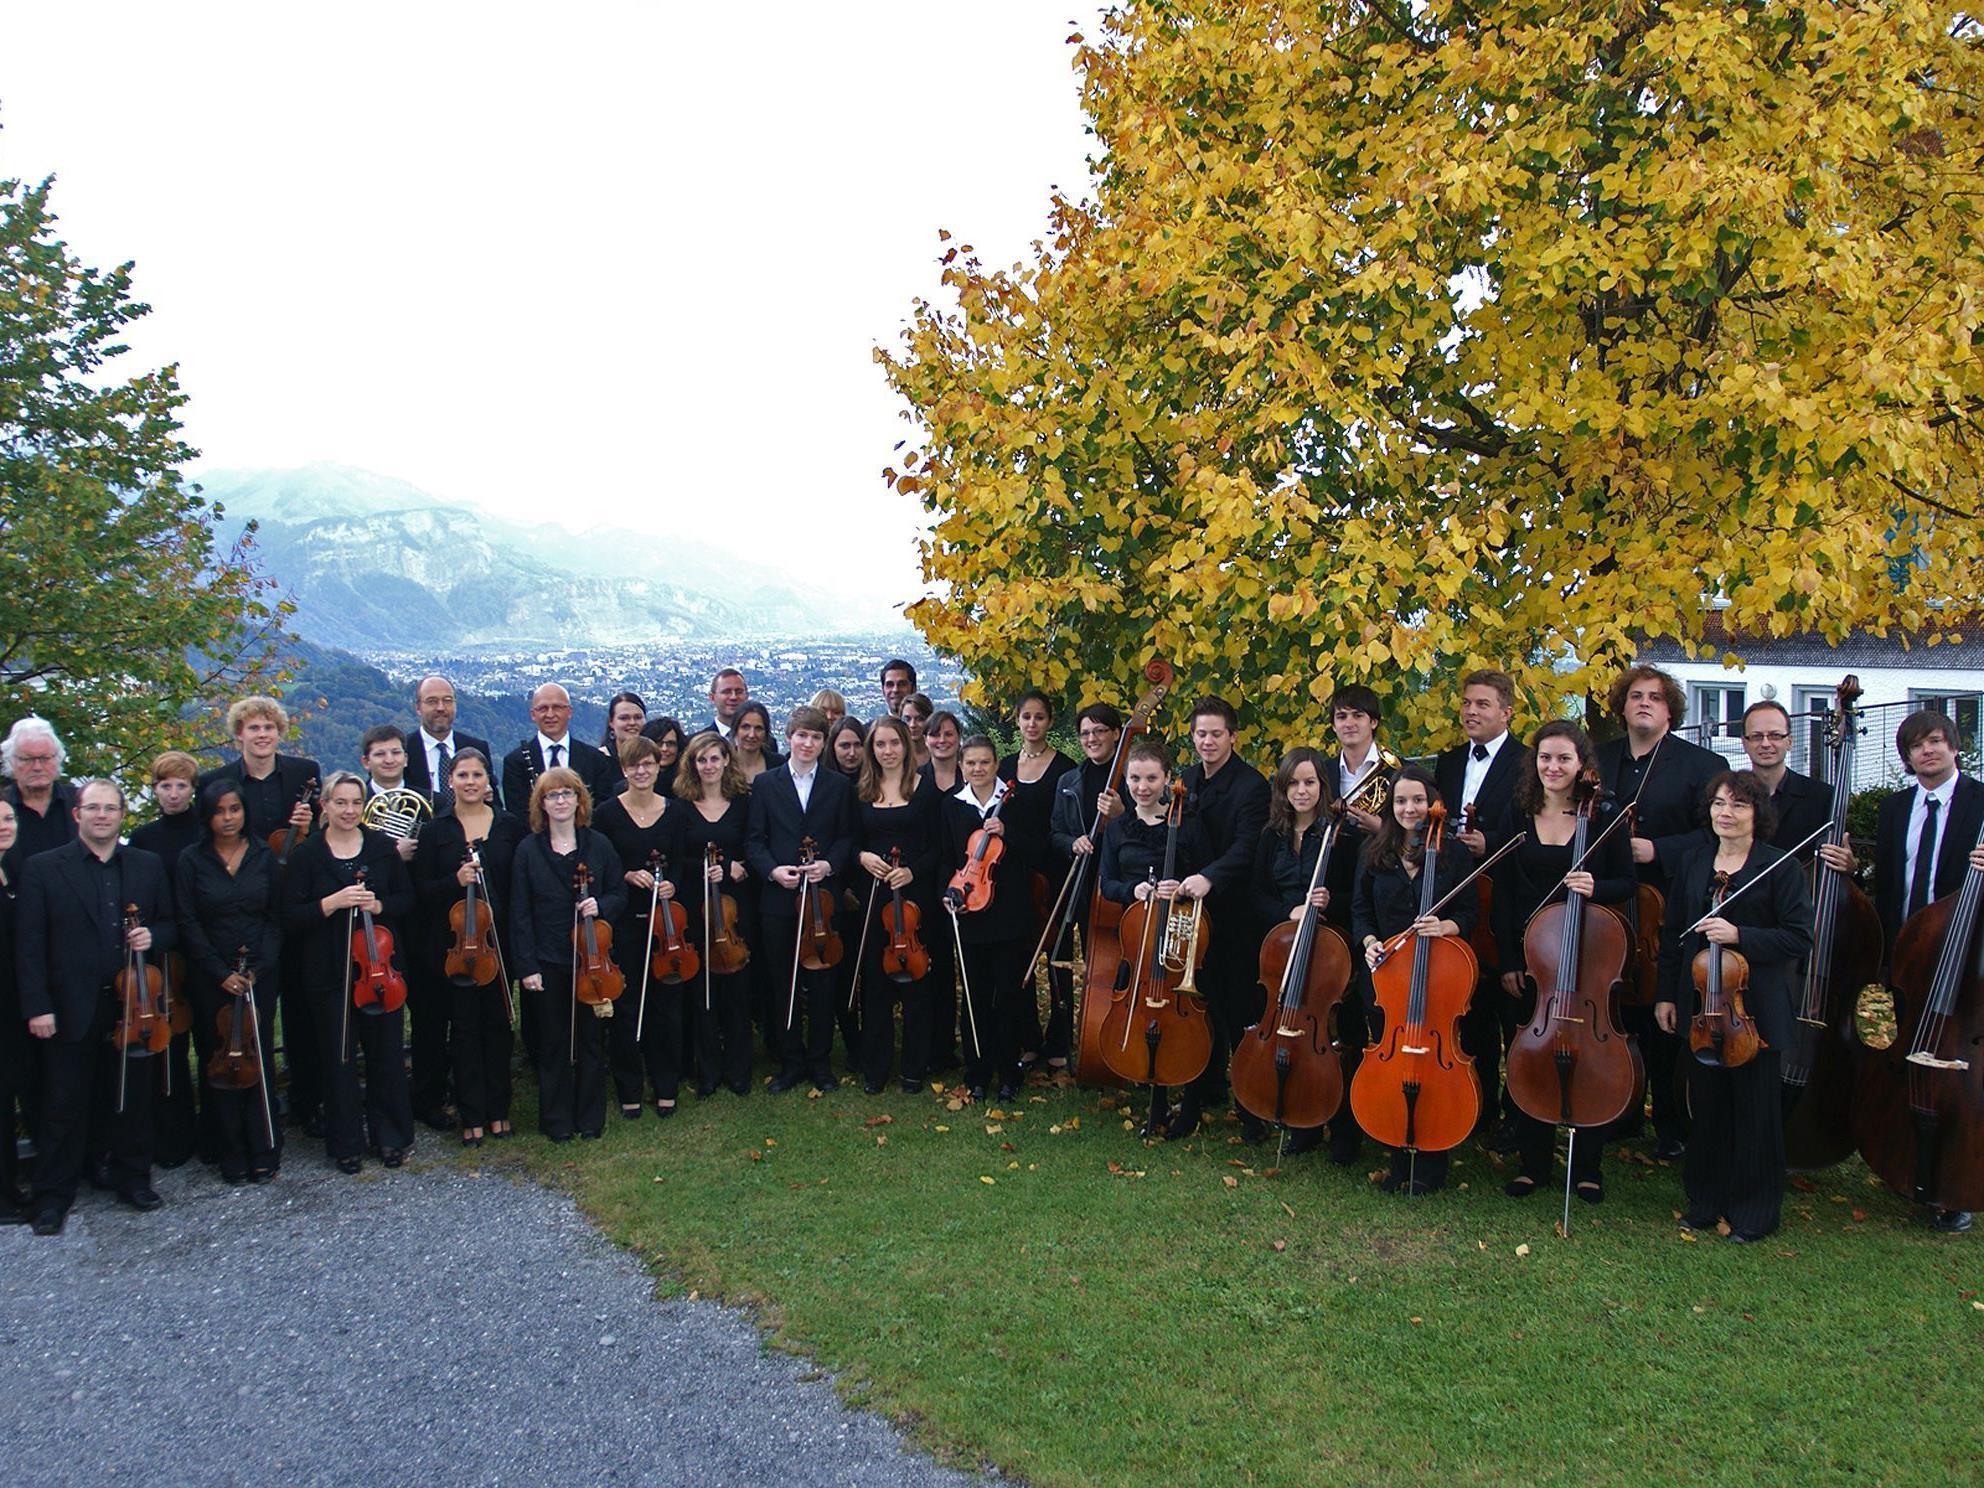 Das Collegium Instrumentale konzertiert am 22. 4. in der Pfarrkirche St. Sebastian.